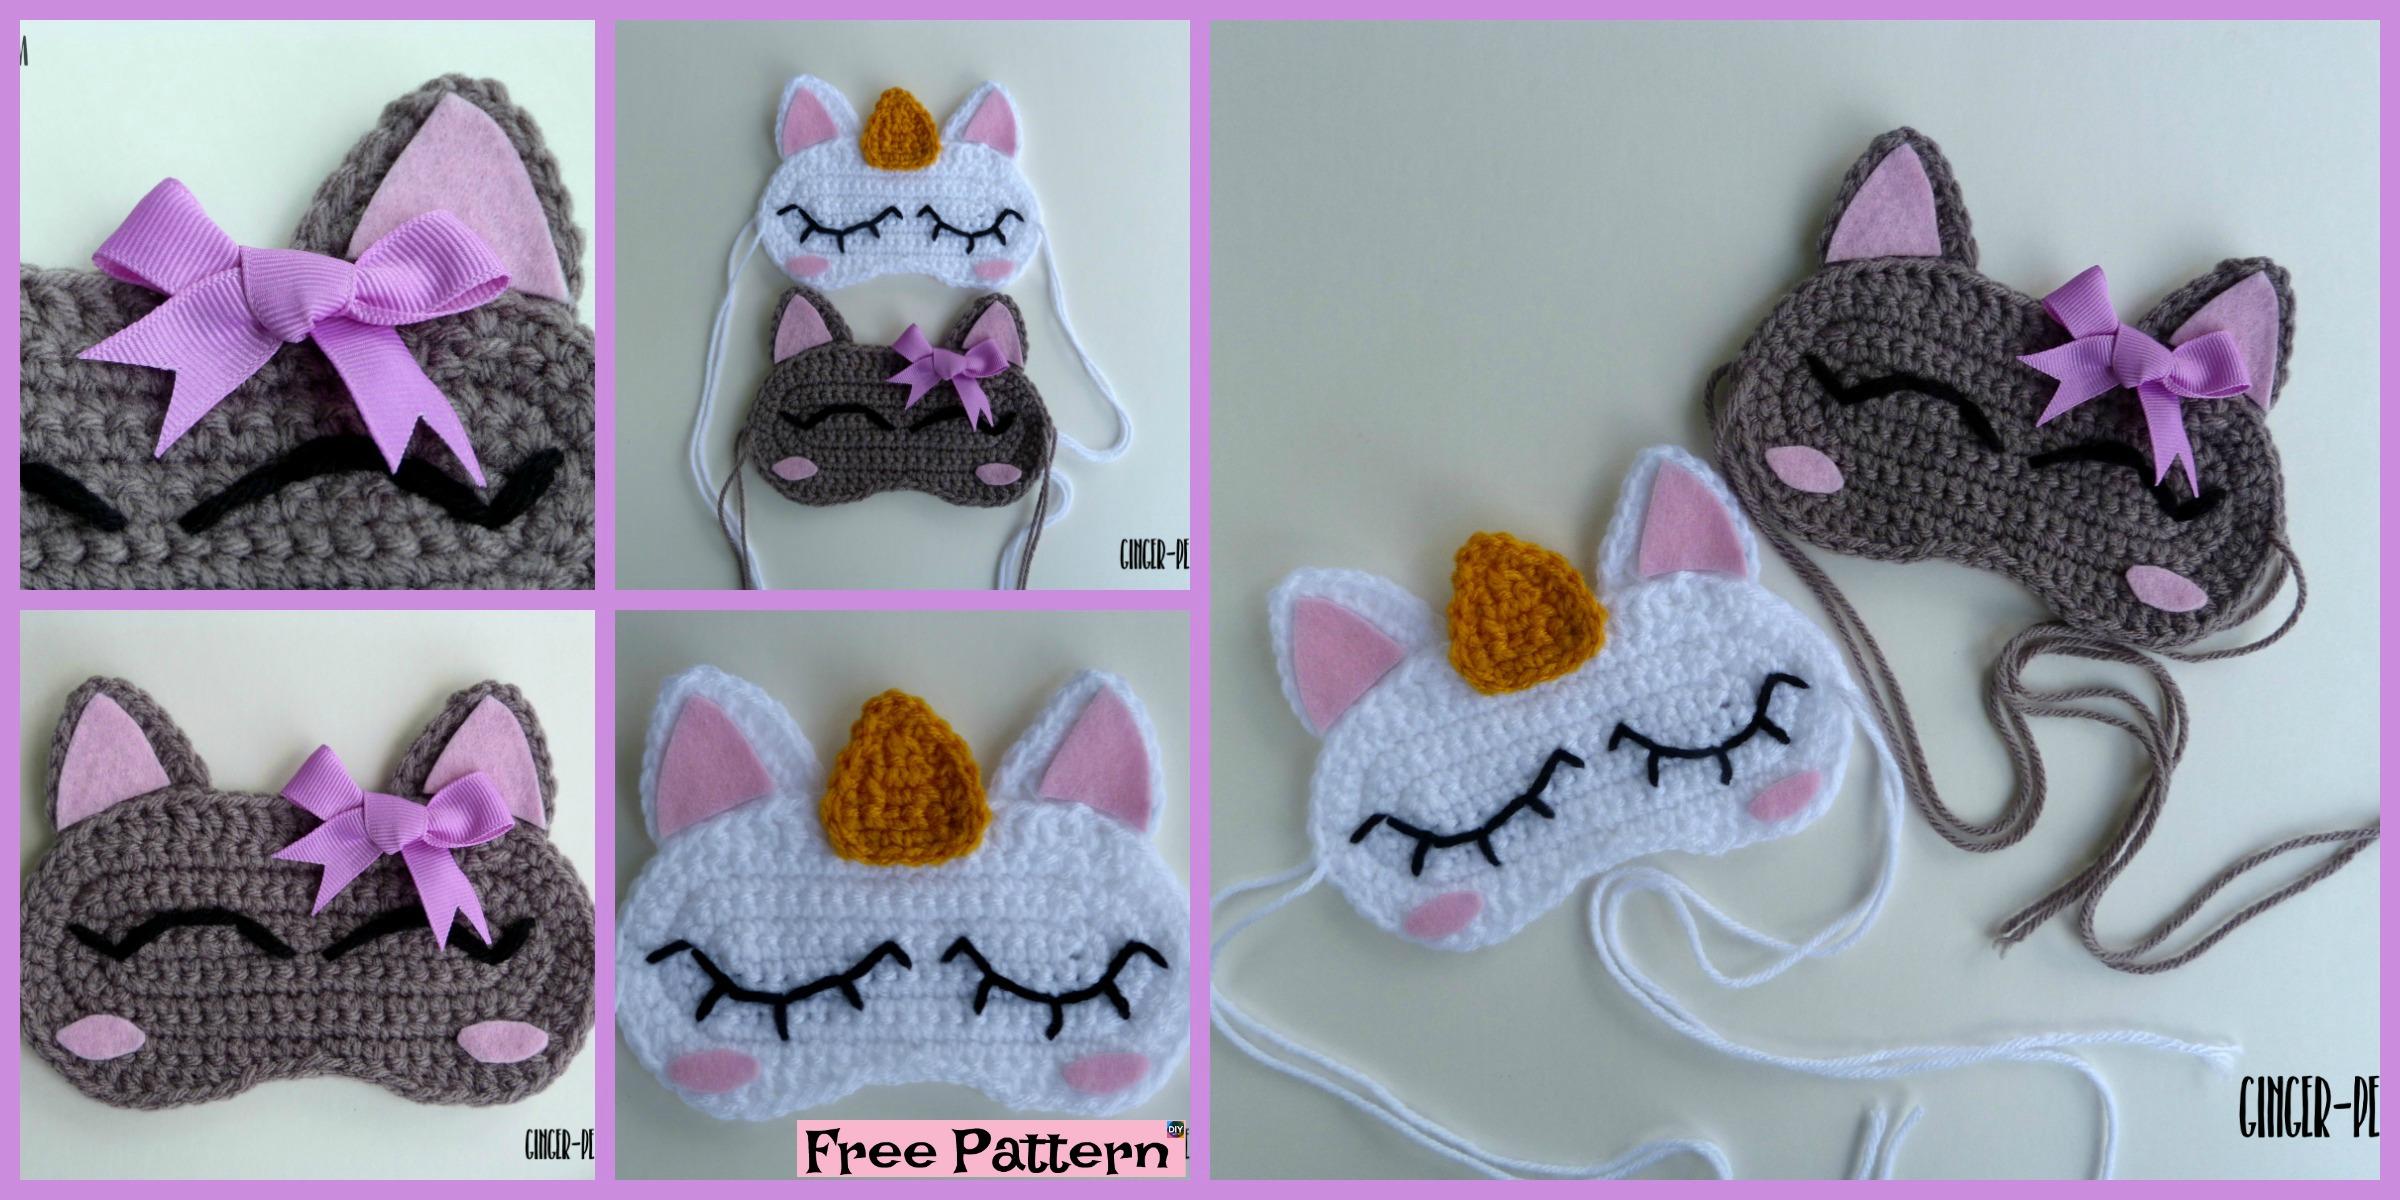 diy4ever Crochet Unicorn Sleep Mask – Free Pattern F - Cute Crochet Unicorn Hat - Free Pattern